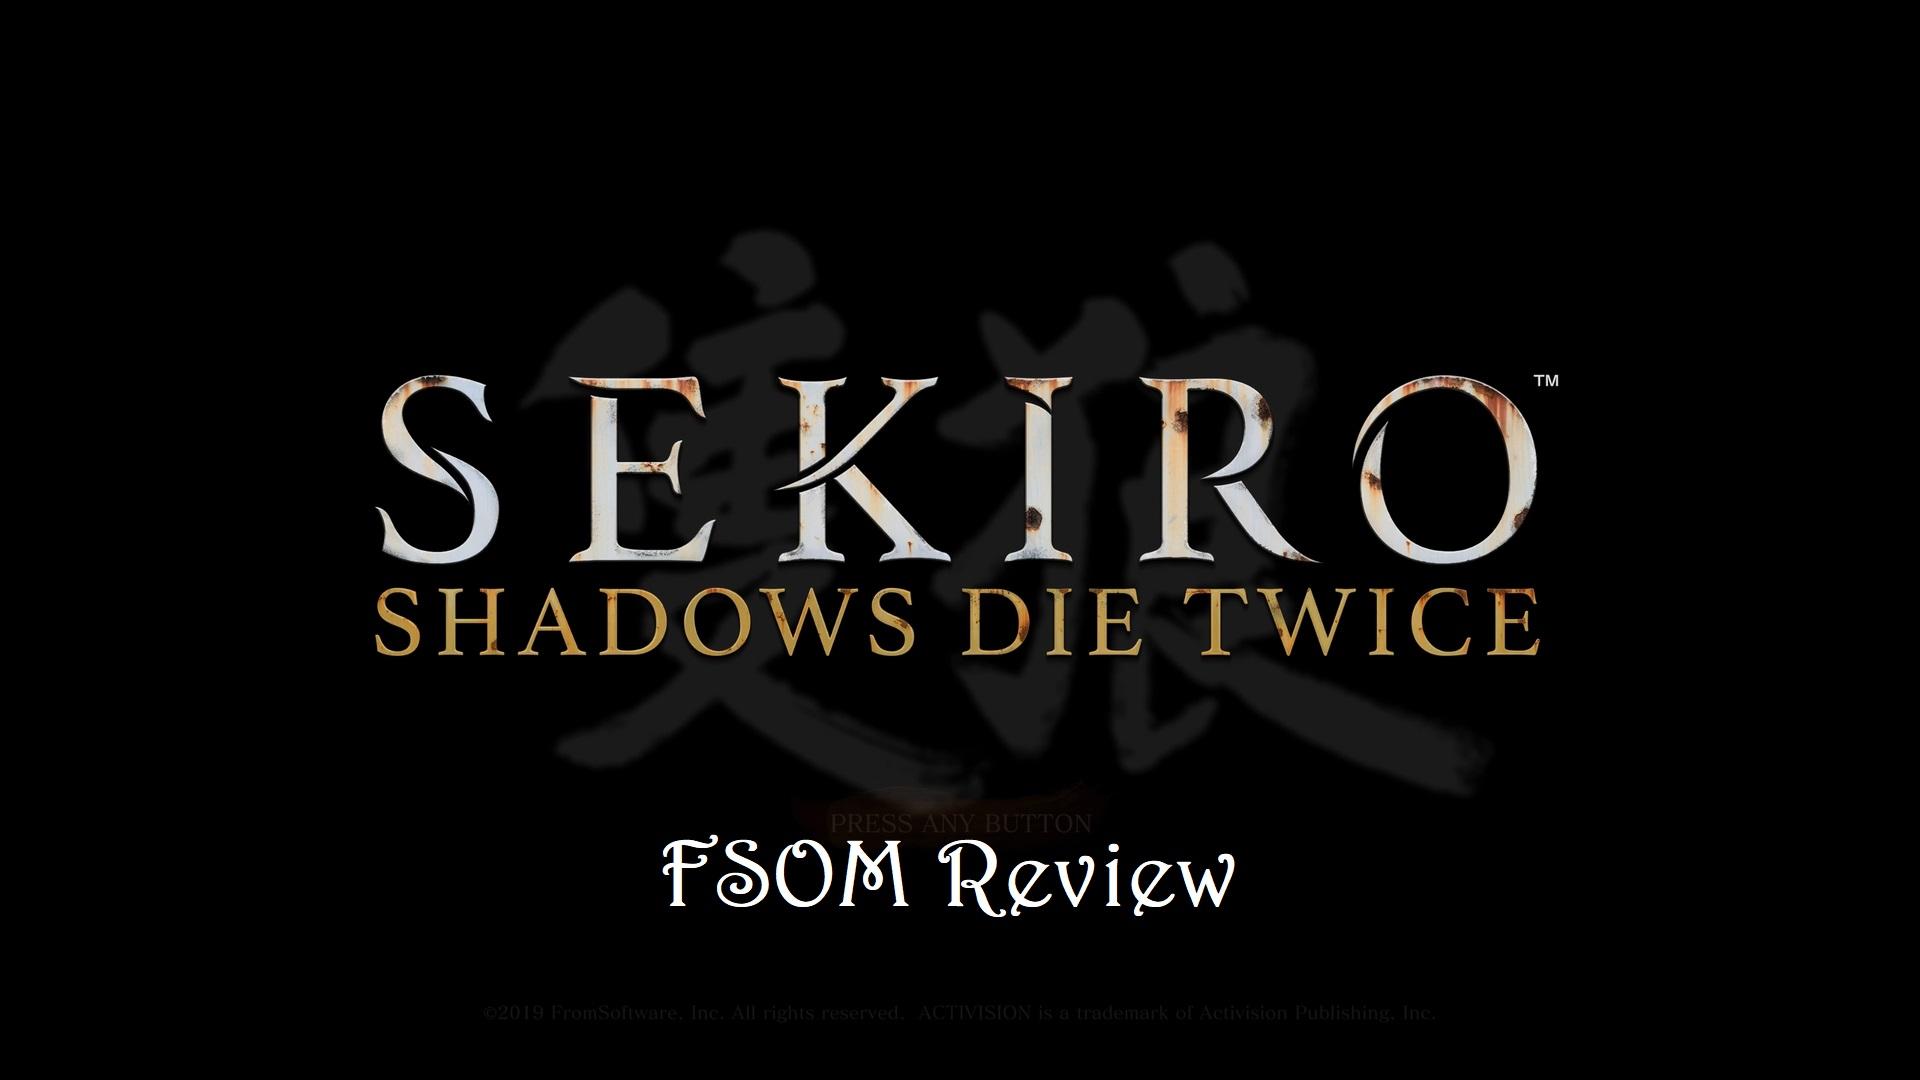 Sekiro – Shadows Die Twice FSOM Review